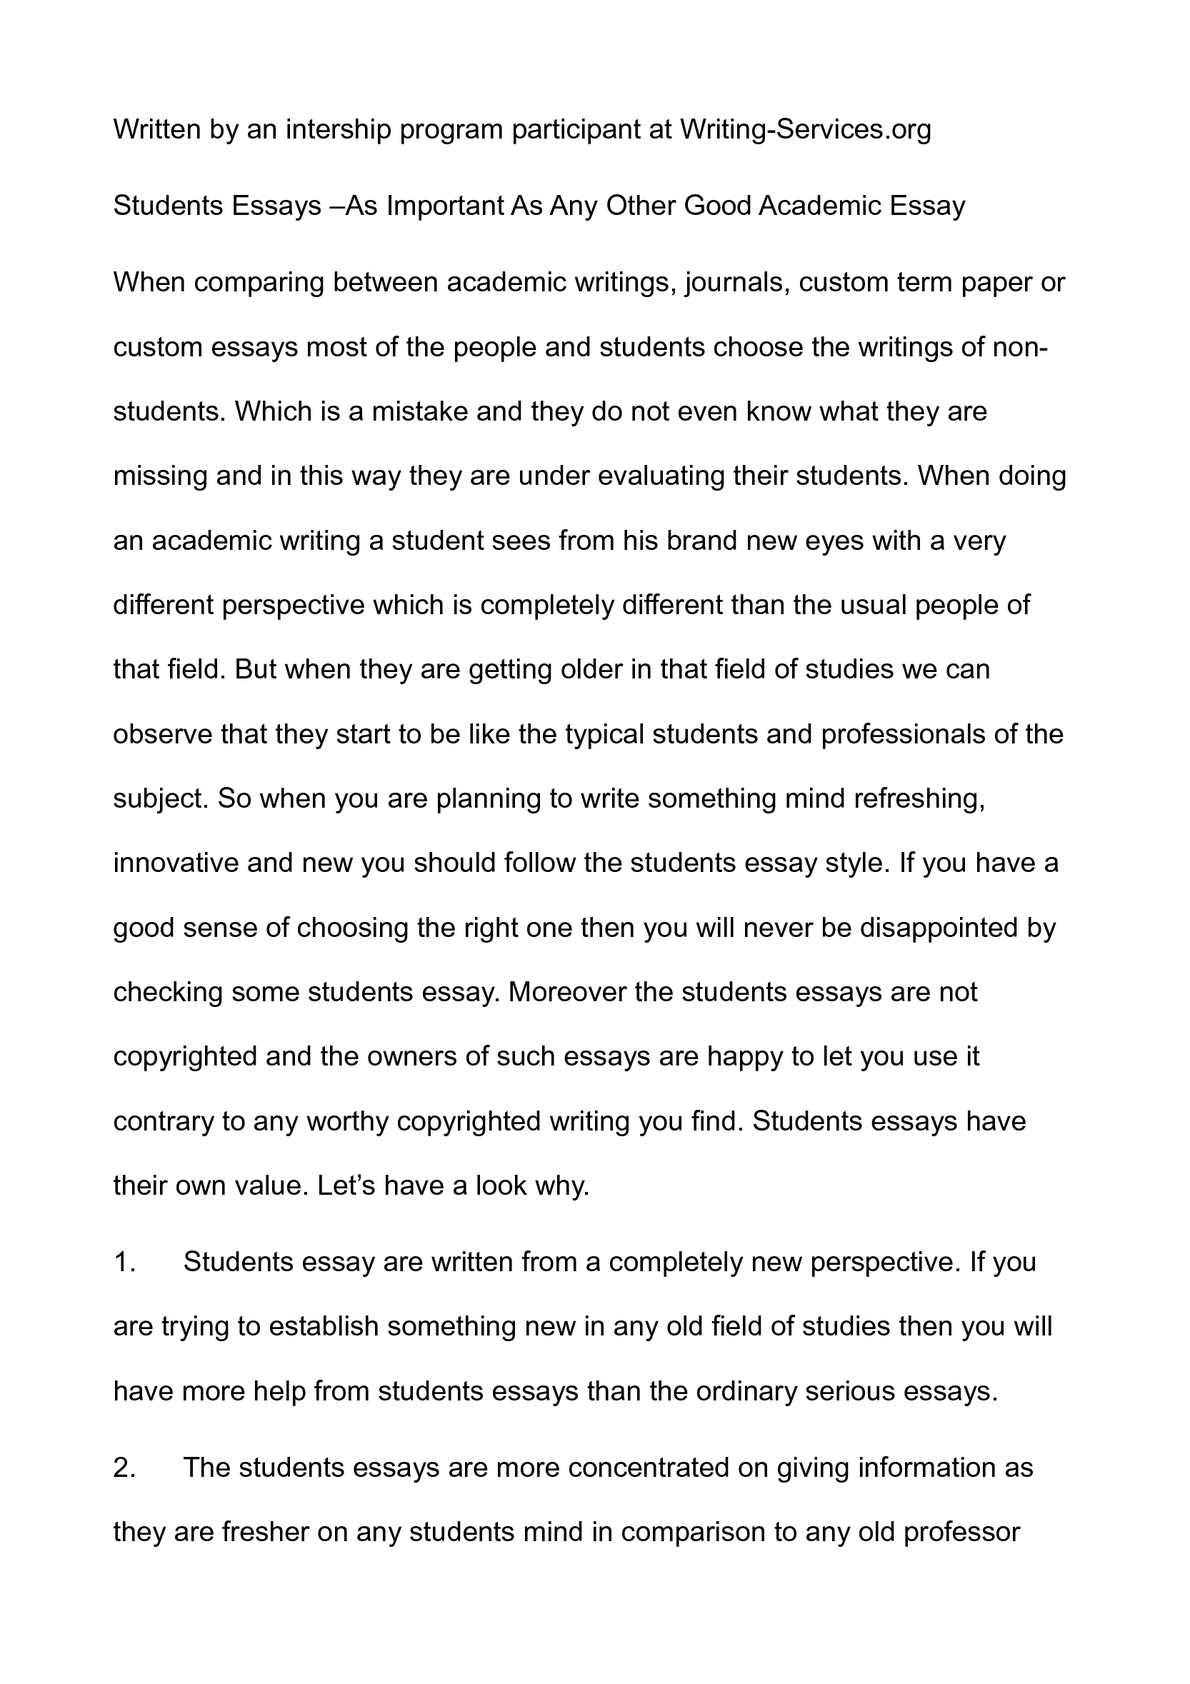 describe a successful student essay